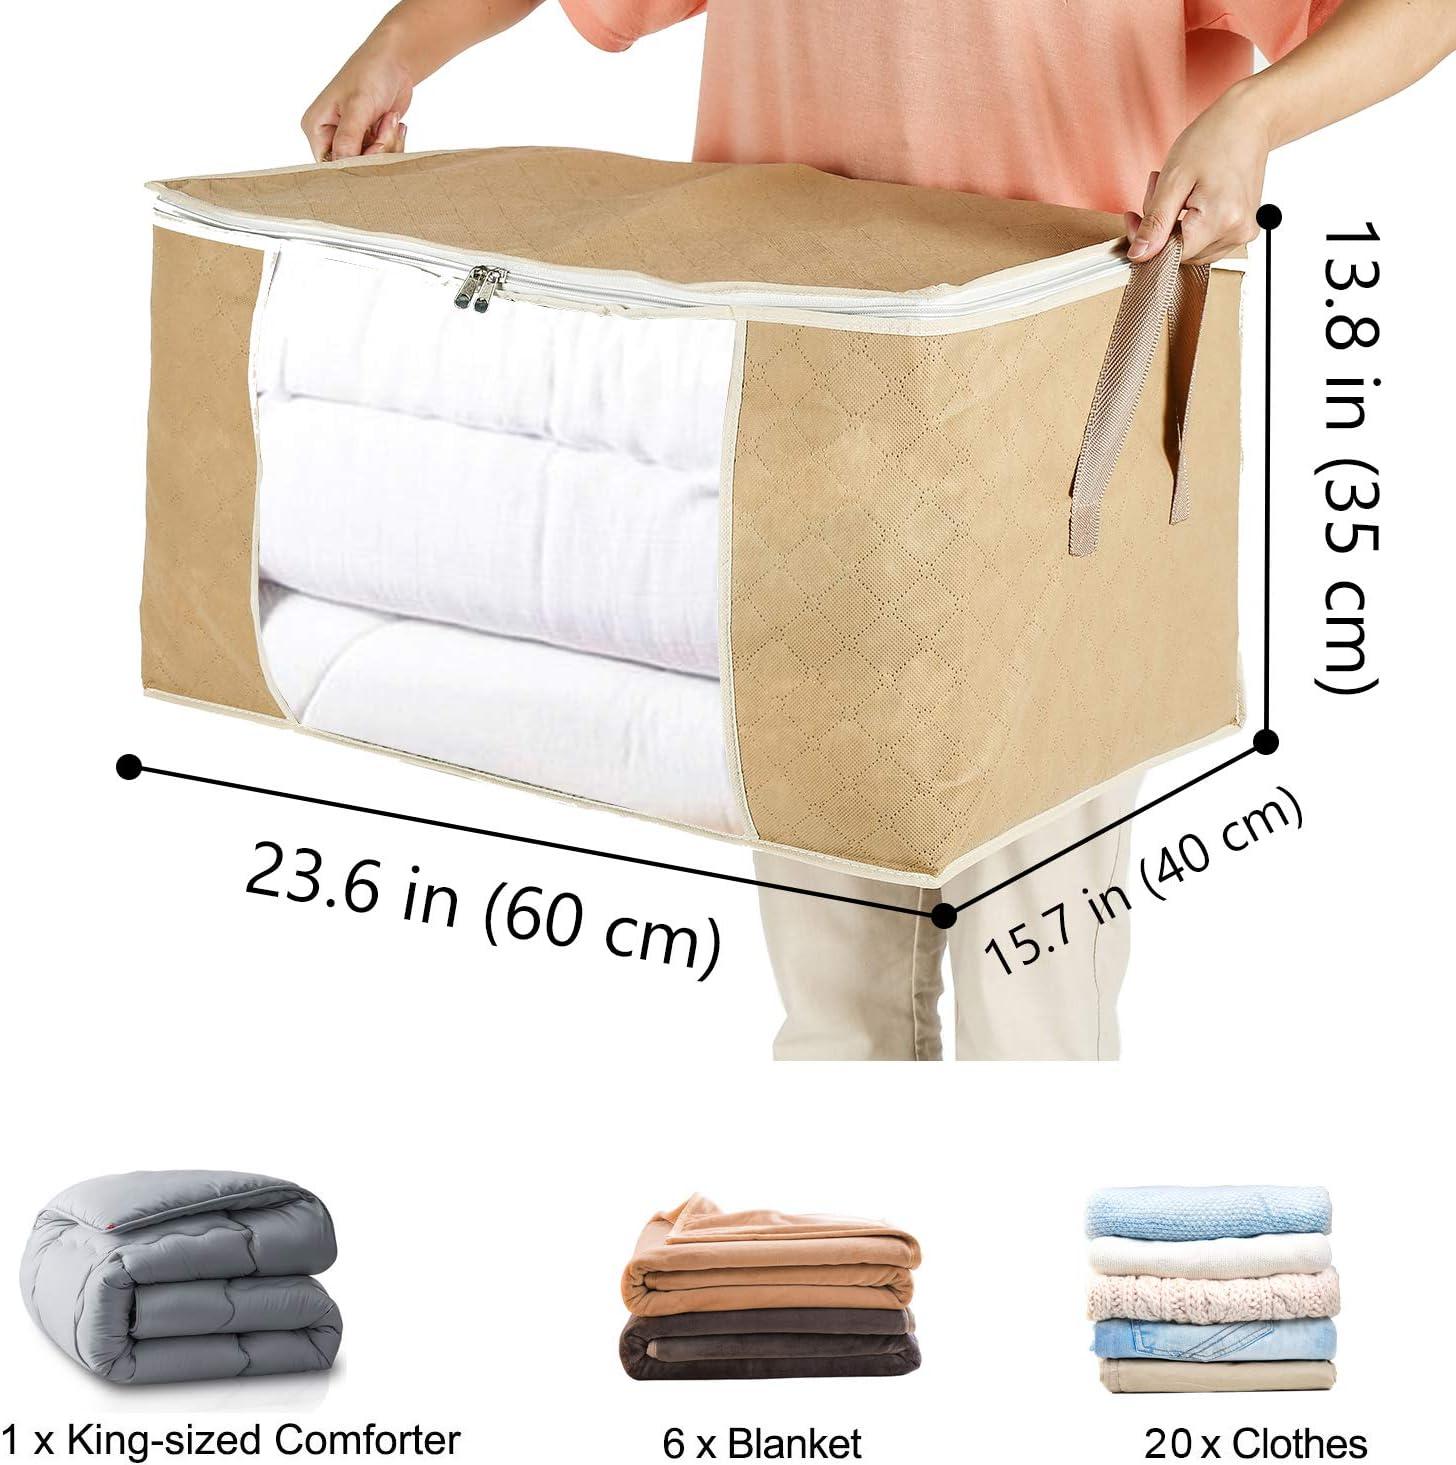 3 Piezas Caqui Yopih Bolsa de Almacenamiento de n/órdico en Gruesa no Tejida Bolsa de Almacenamiento Debajo de la Cama para Edredones Mantas Almohadas Juguetes Chaquetas Ropa Pluches